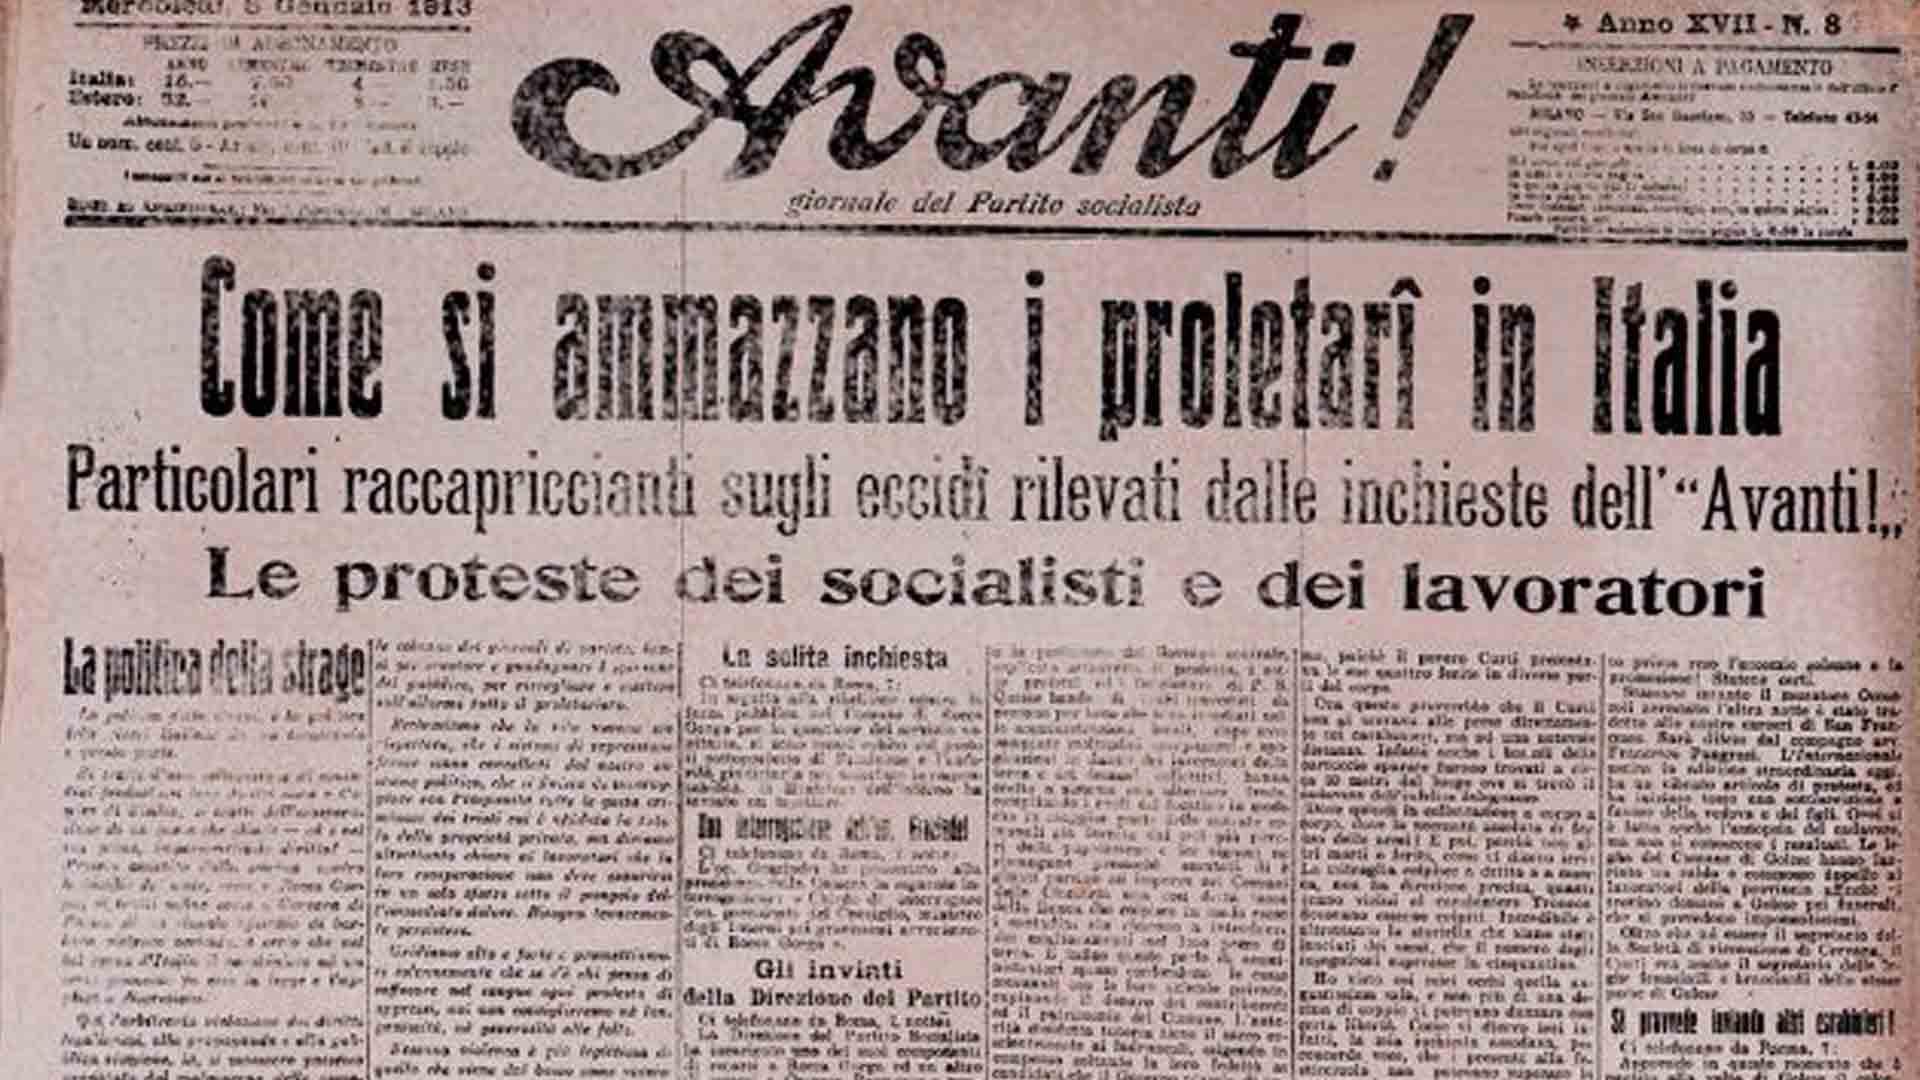 Nel 1915 Antonio Gramsci entrò all